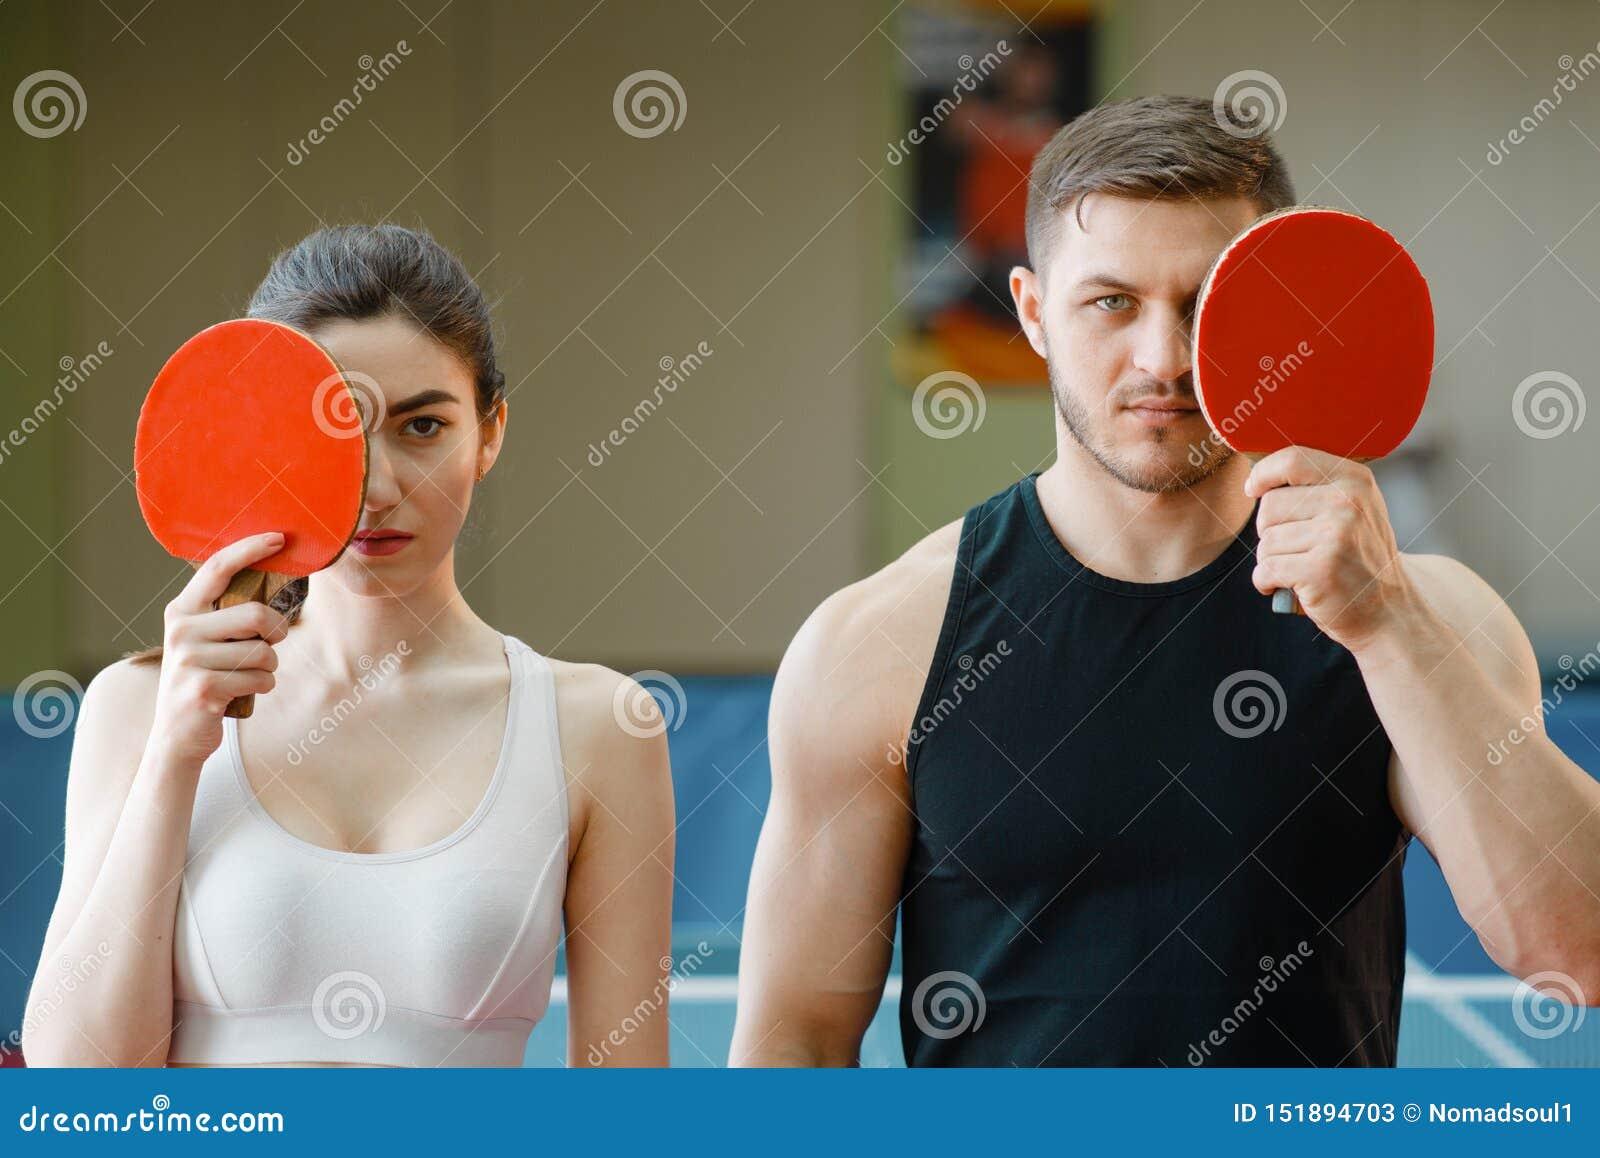 Mężczyzna i kobieta trzymamy śwista pong kanty indoors